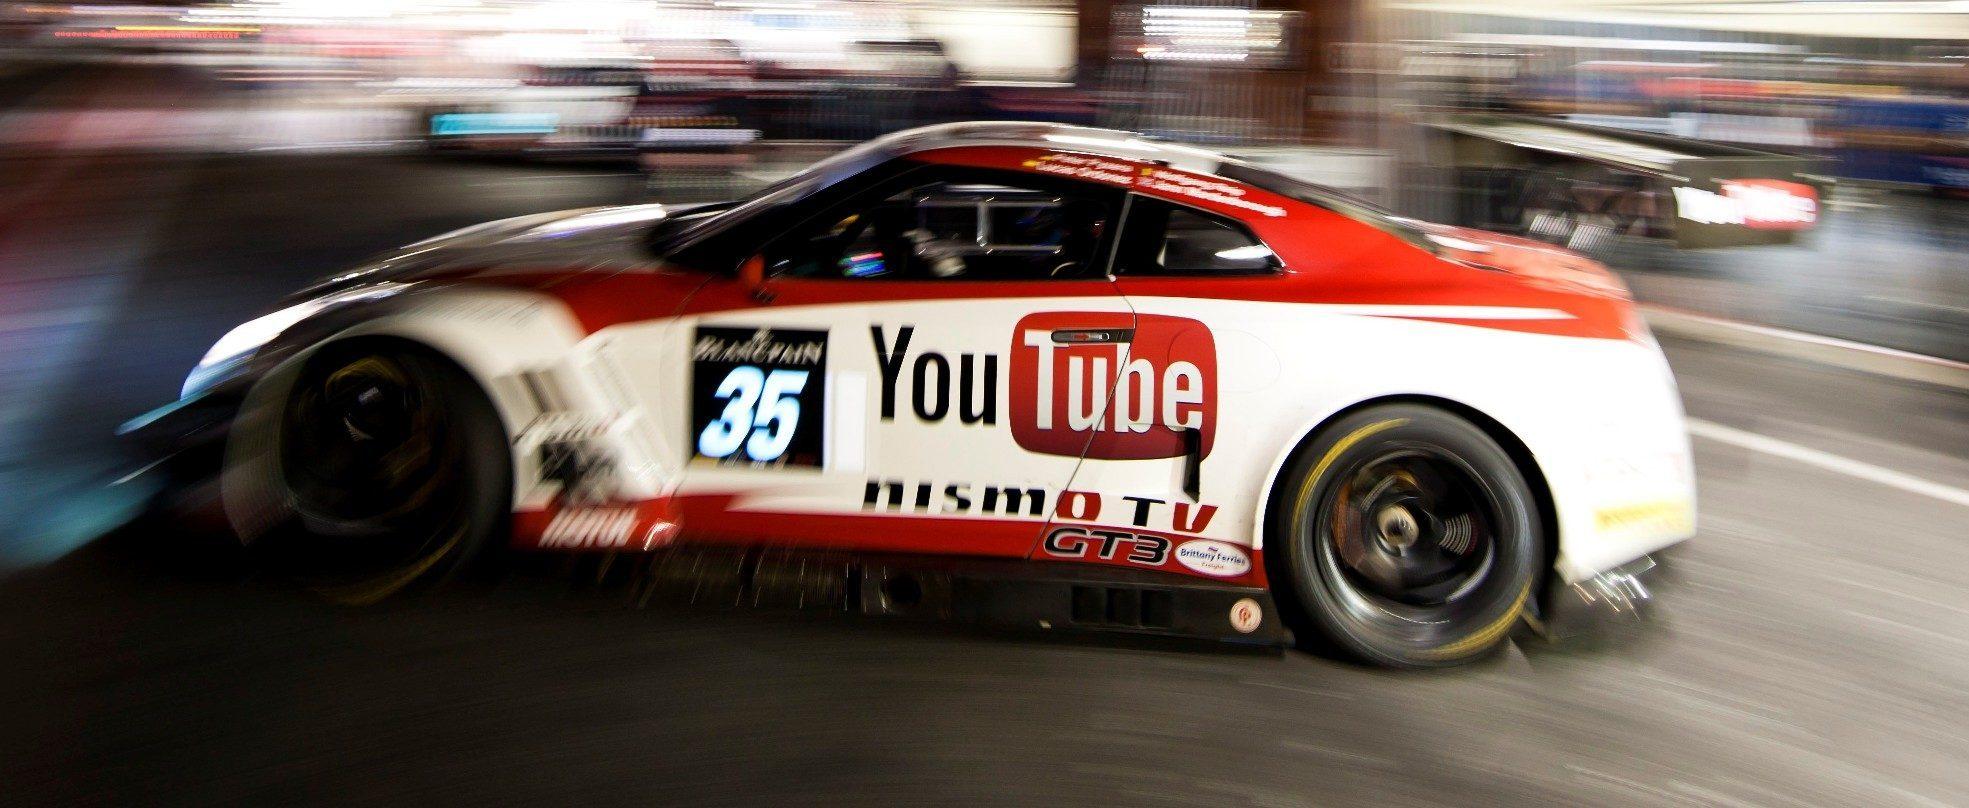 Nissan gtr 2014 nurburgring webcam